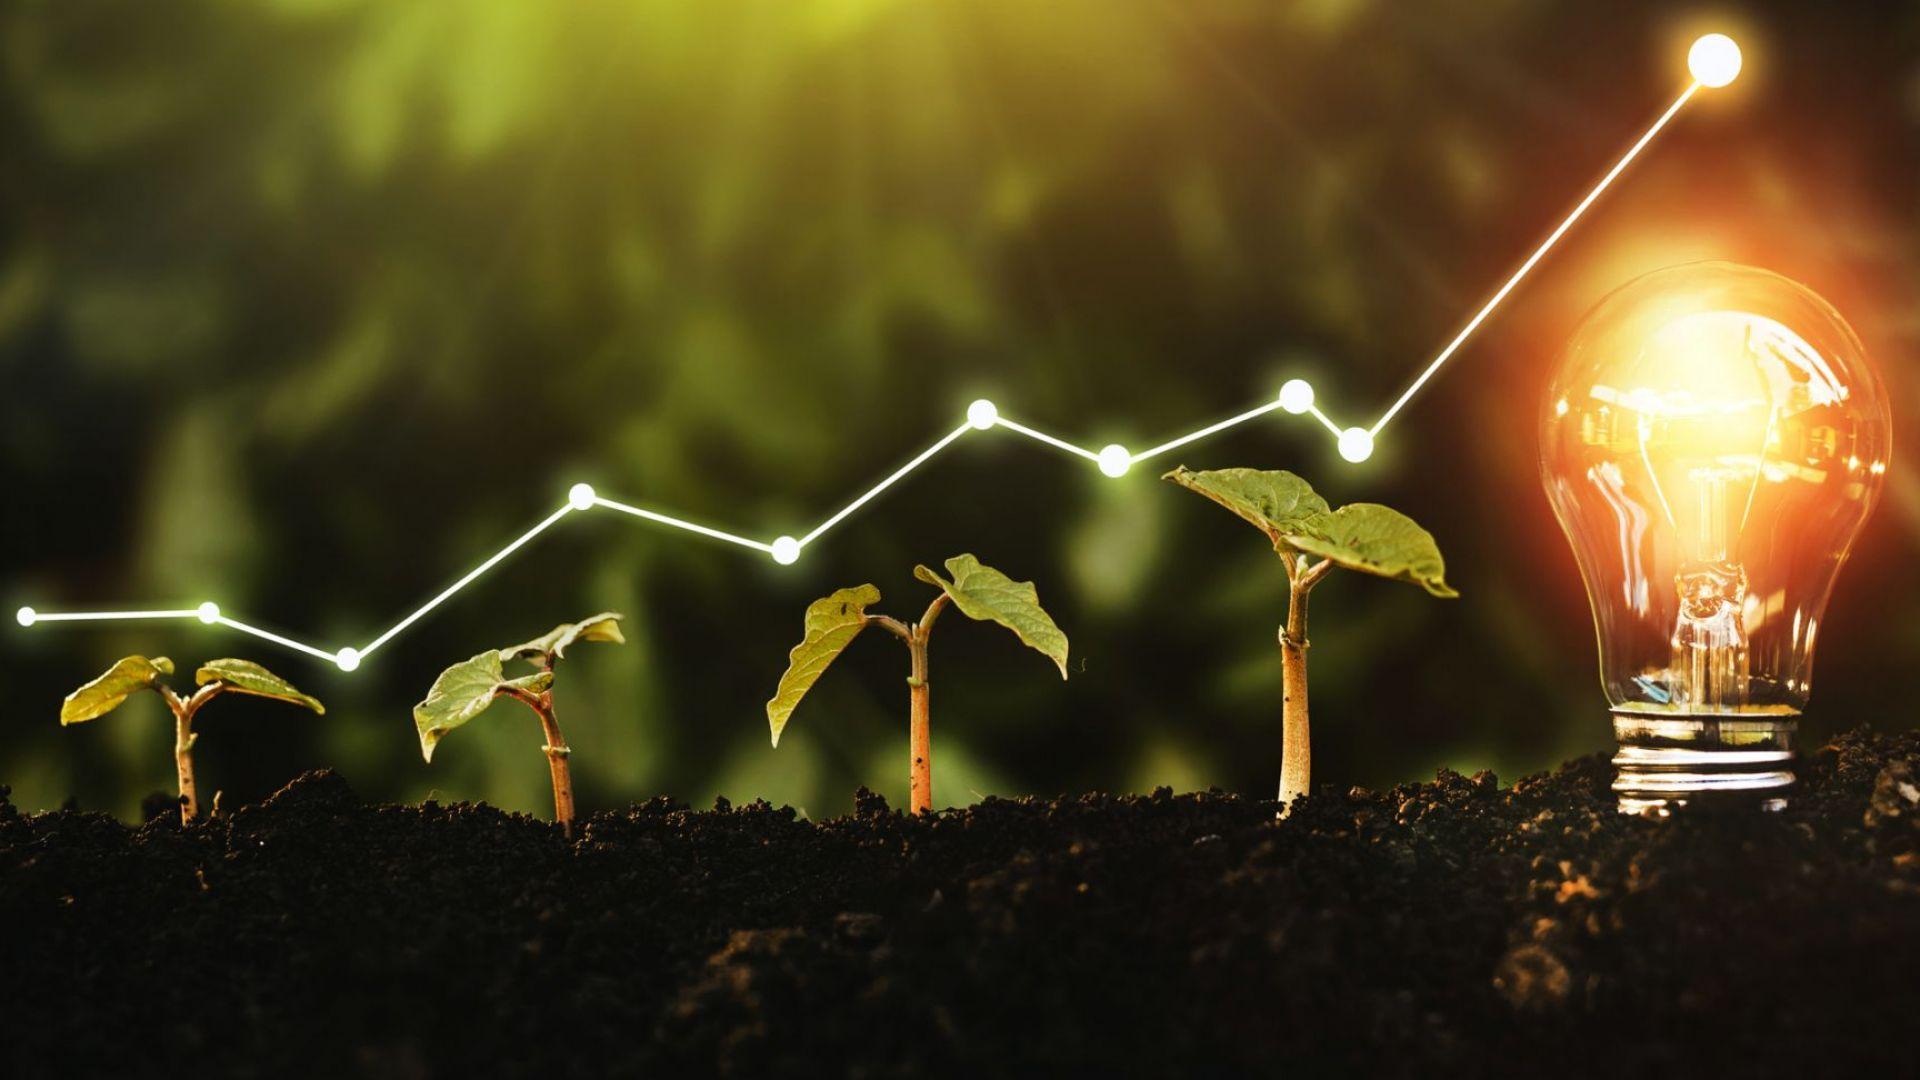 България е против правилата за зелени инвестиции на ЕС